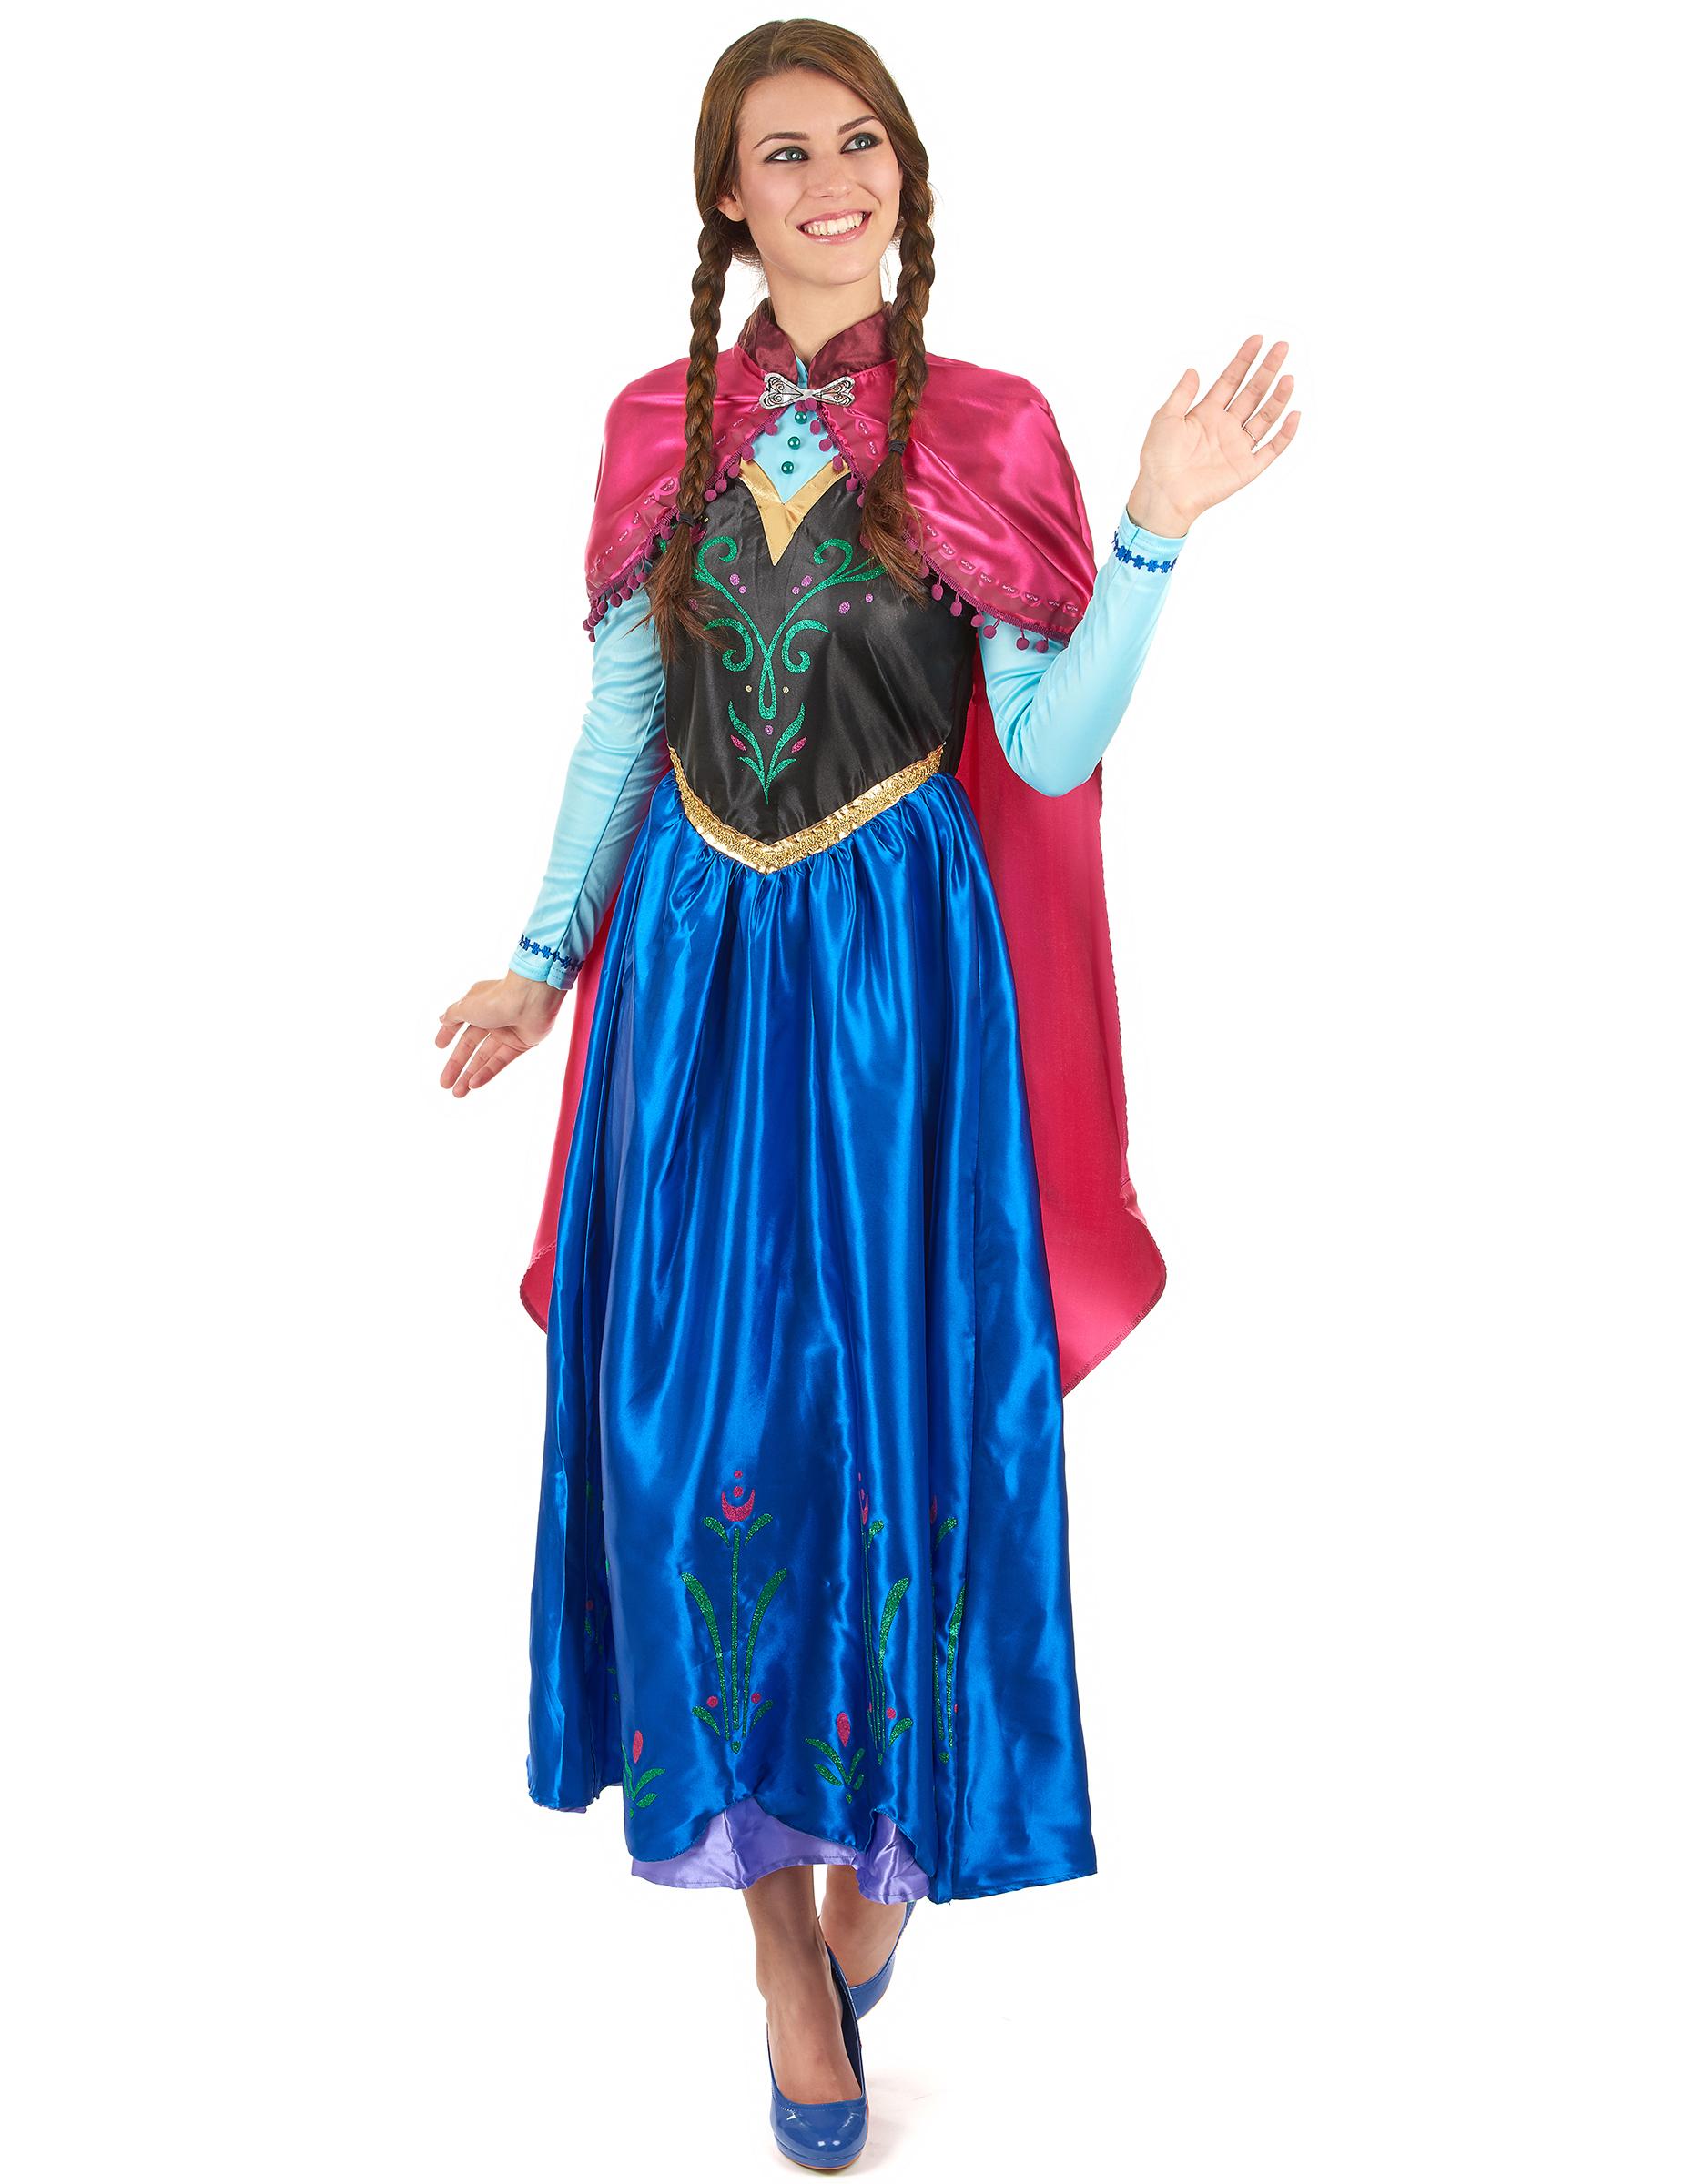 08513cf7a6f199 Costume Anna di Frozen™ per donna: Costumi adulti,e vestiti di ...